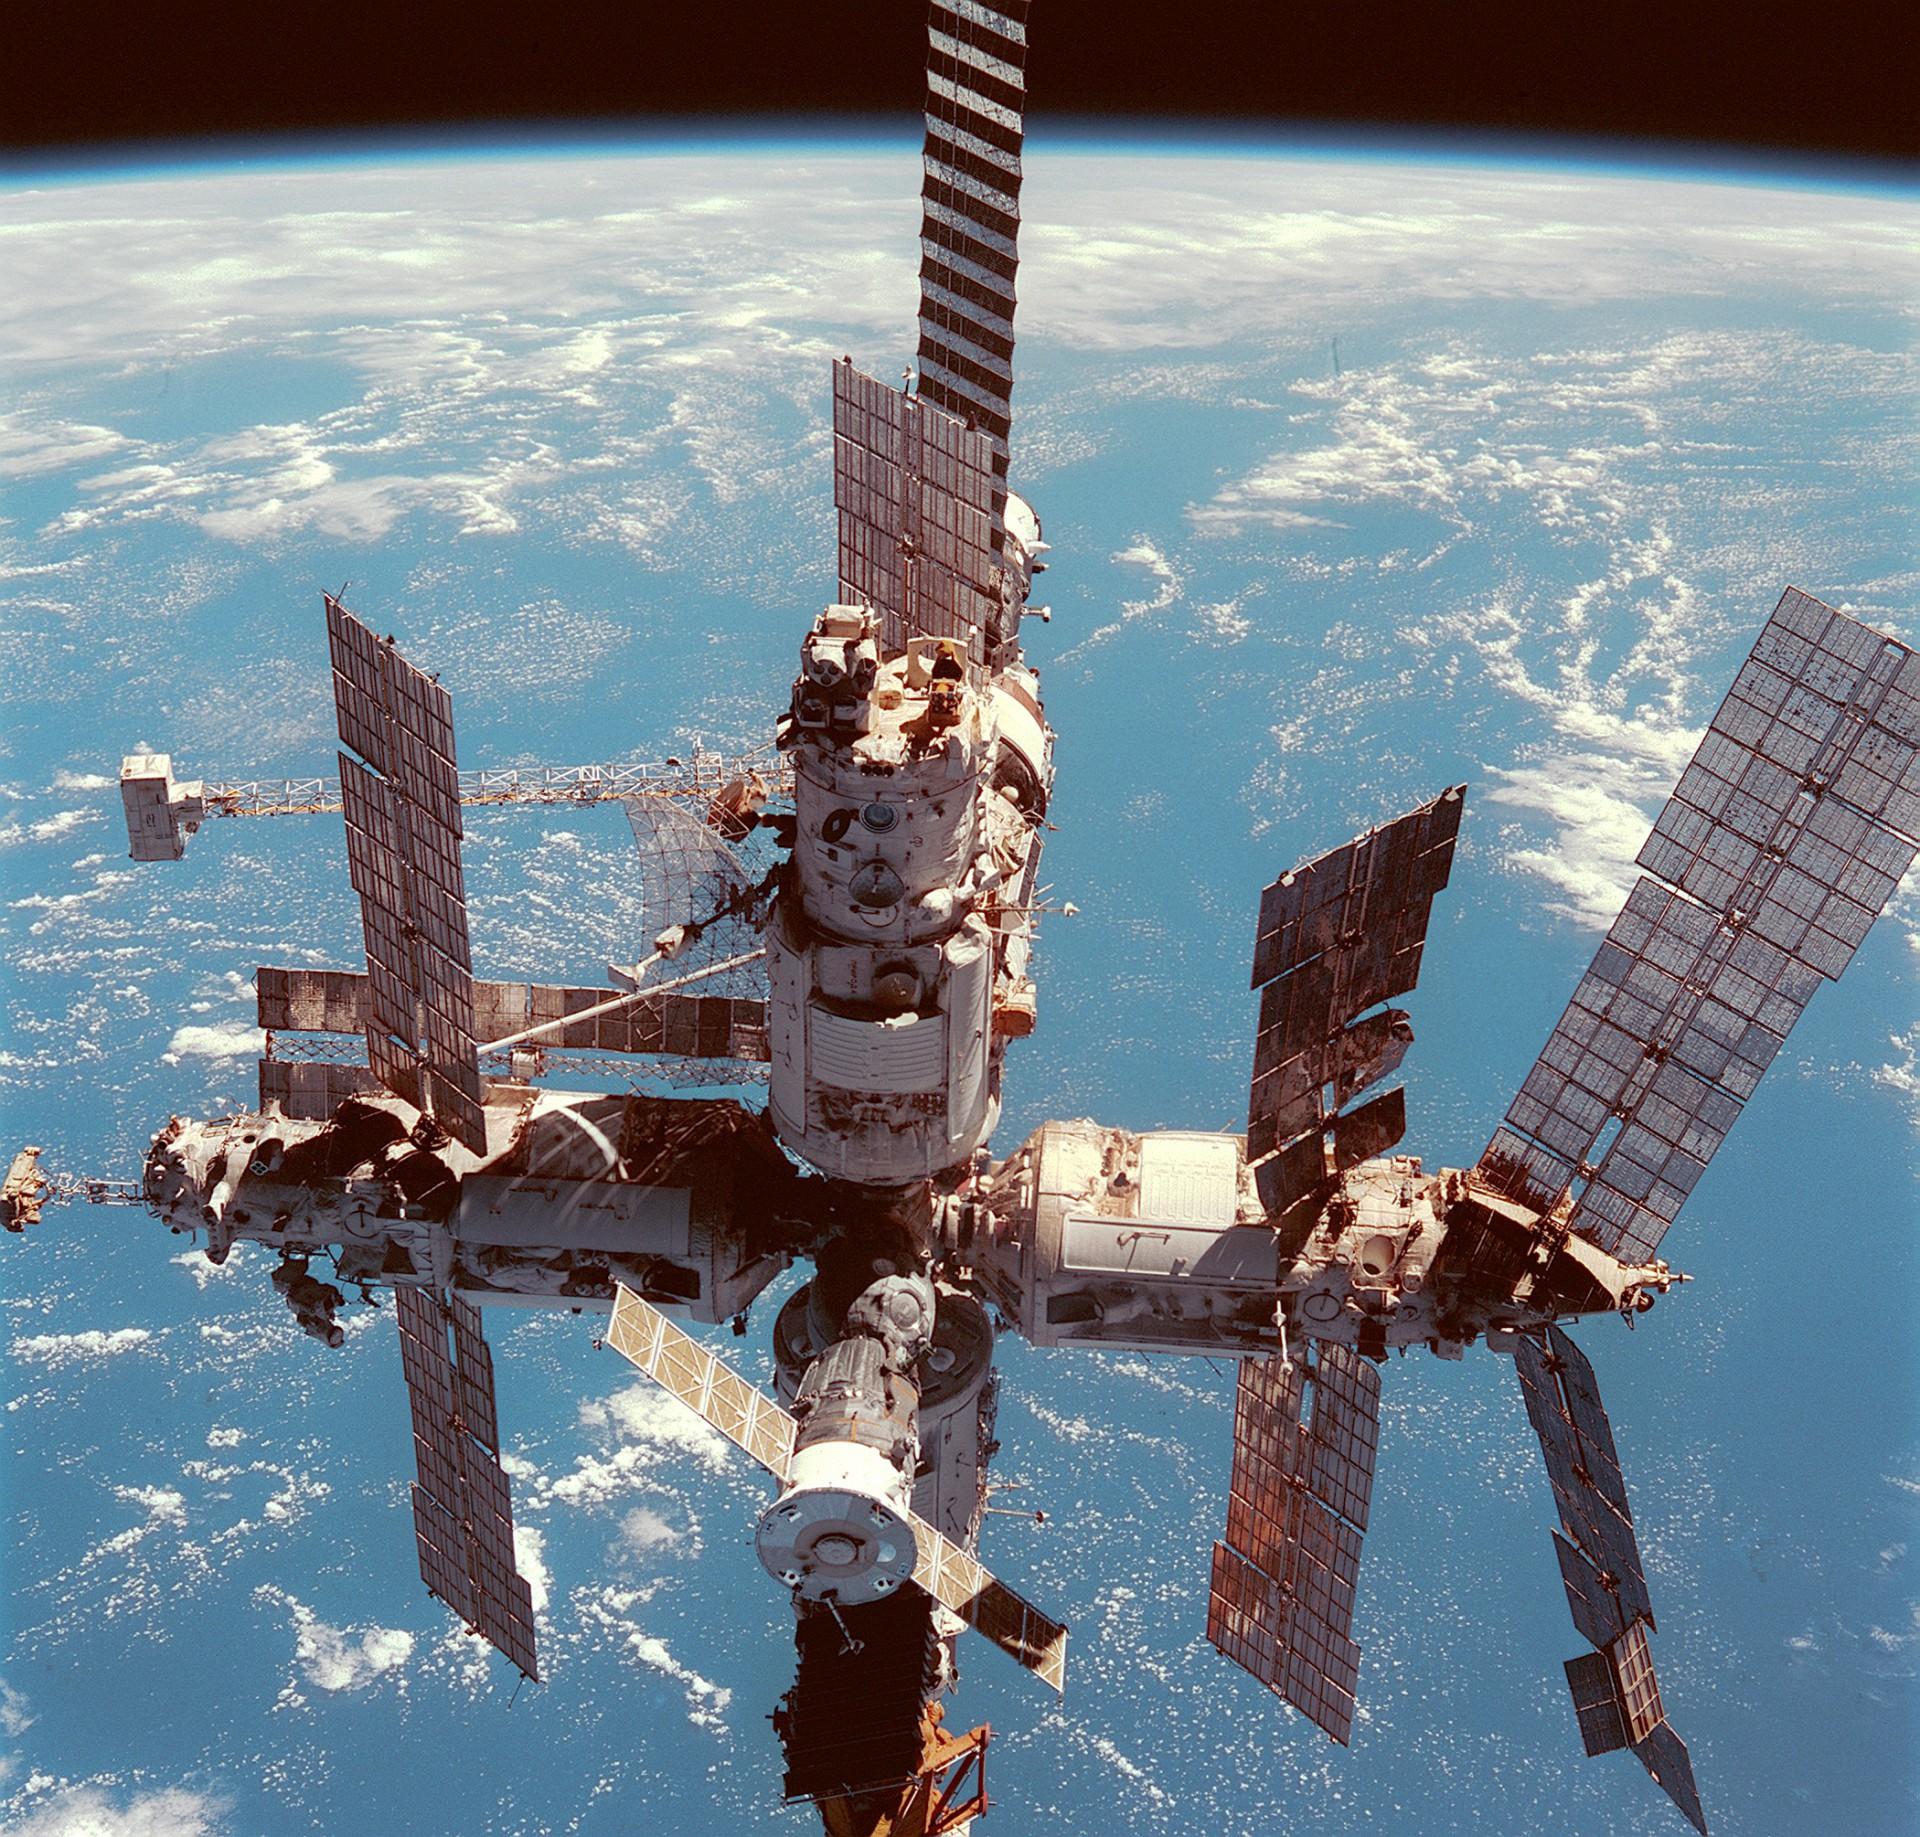 Ele deveria ficar cinco meses na órbita da Terra realizando reparos na estação espacial Mir